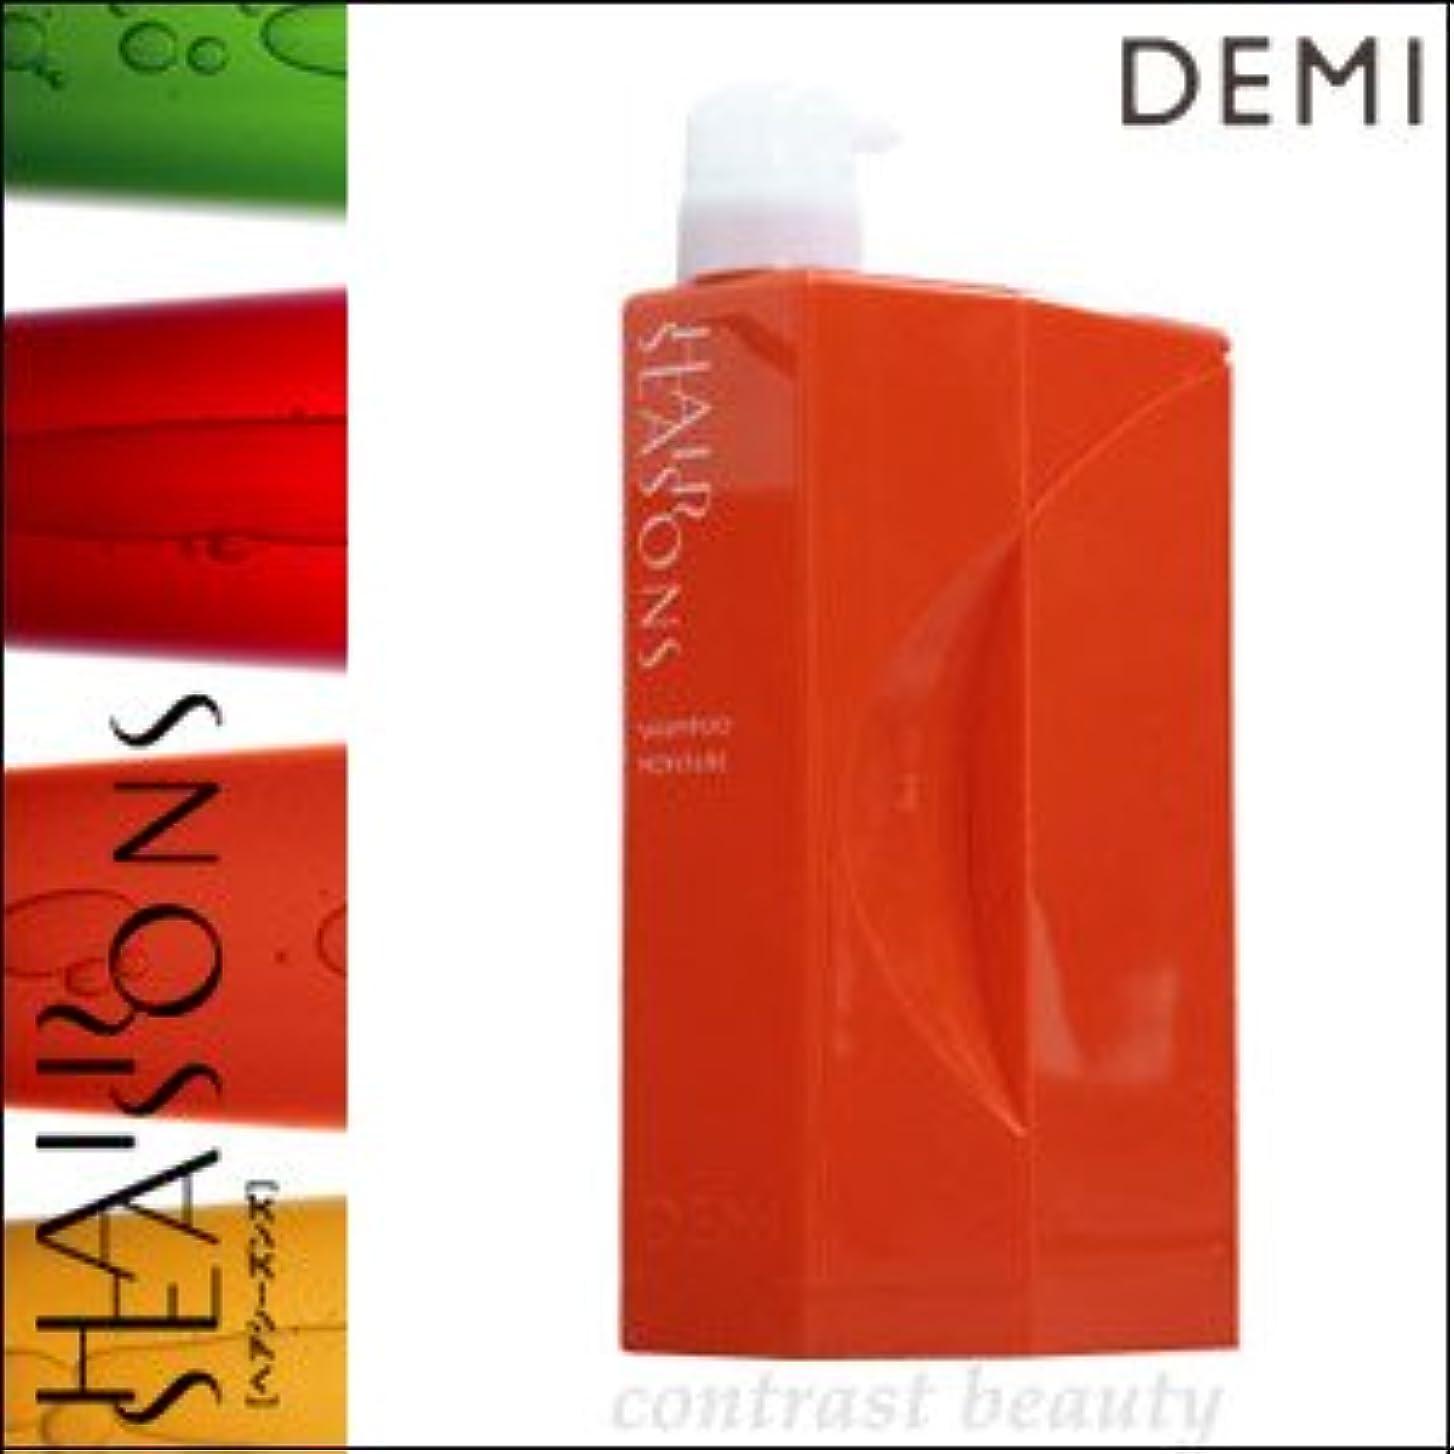 デンマーク語伝染病マスクデミ ヘアシーズンズ シャンプー モイスチャー 専用ケース DEMI HAIR SEASONS